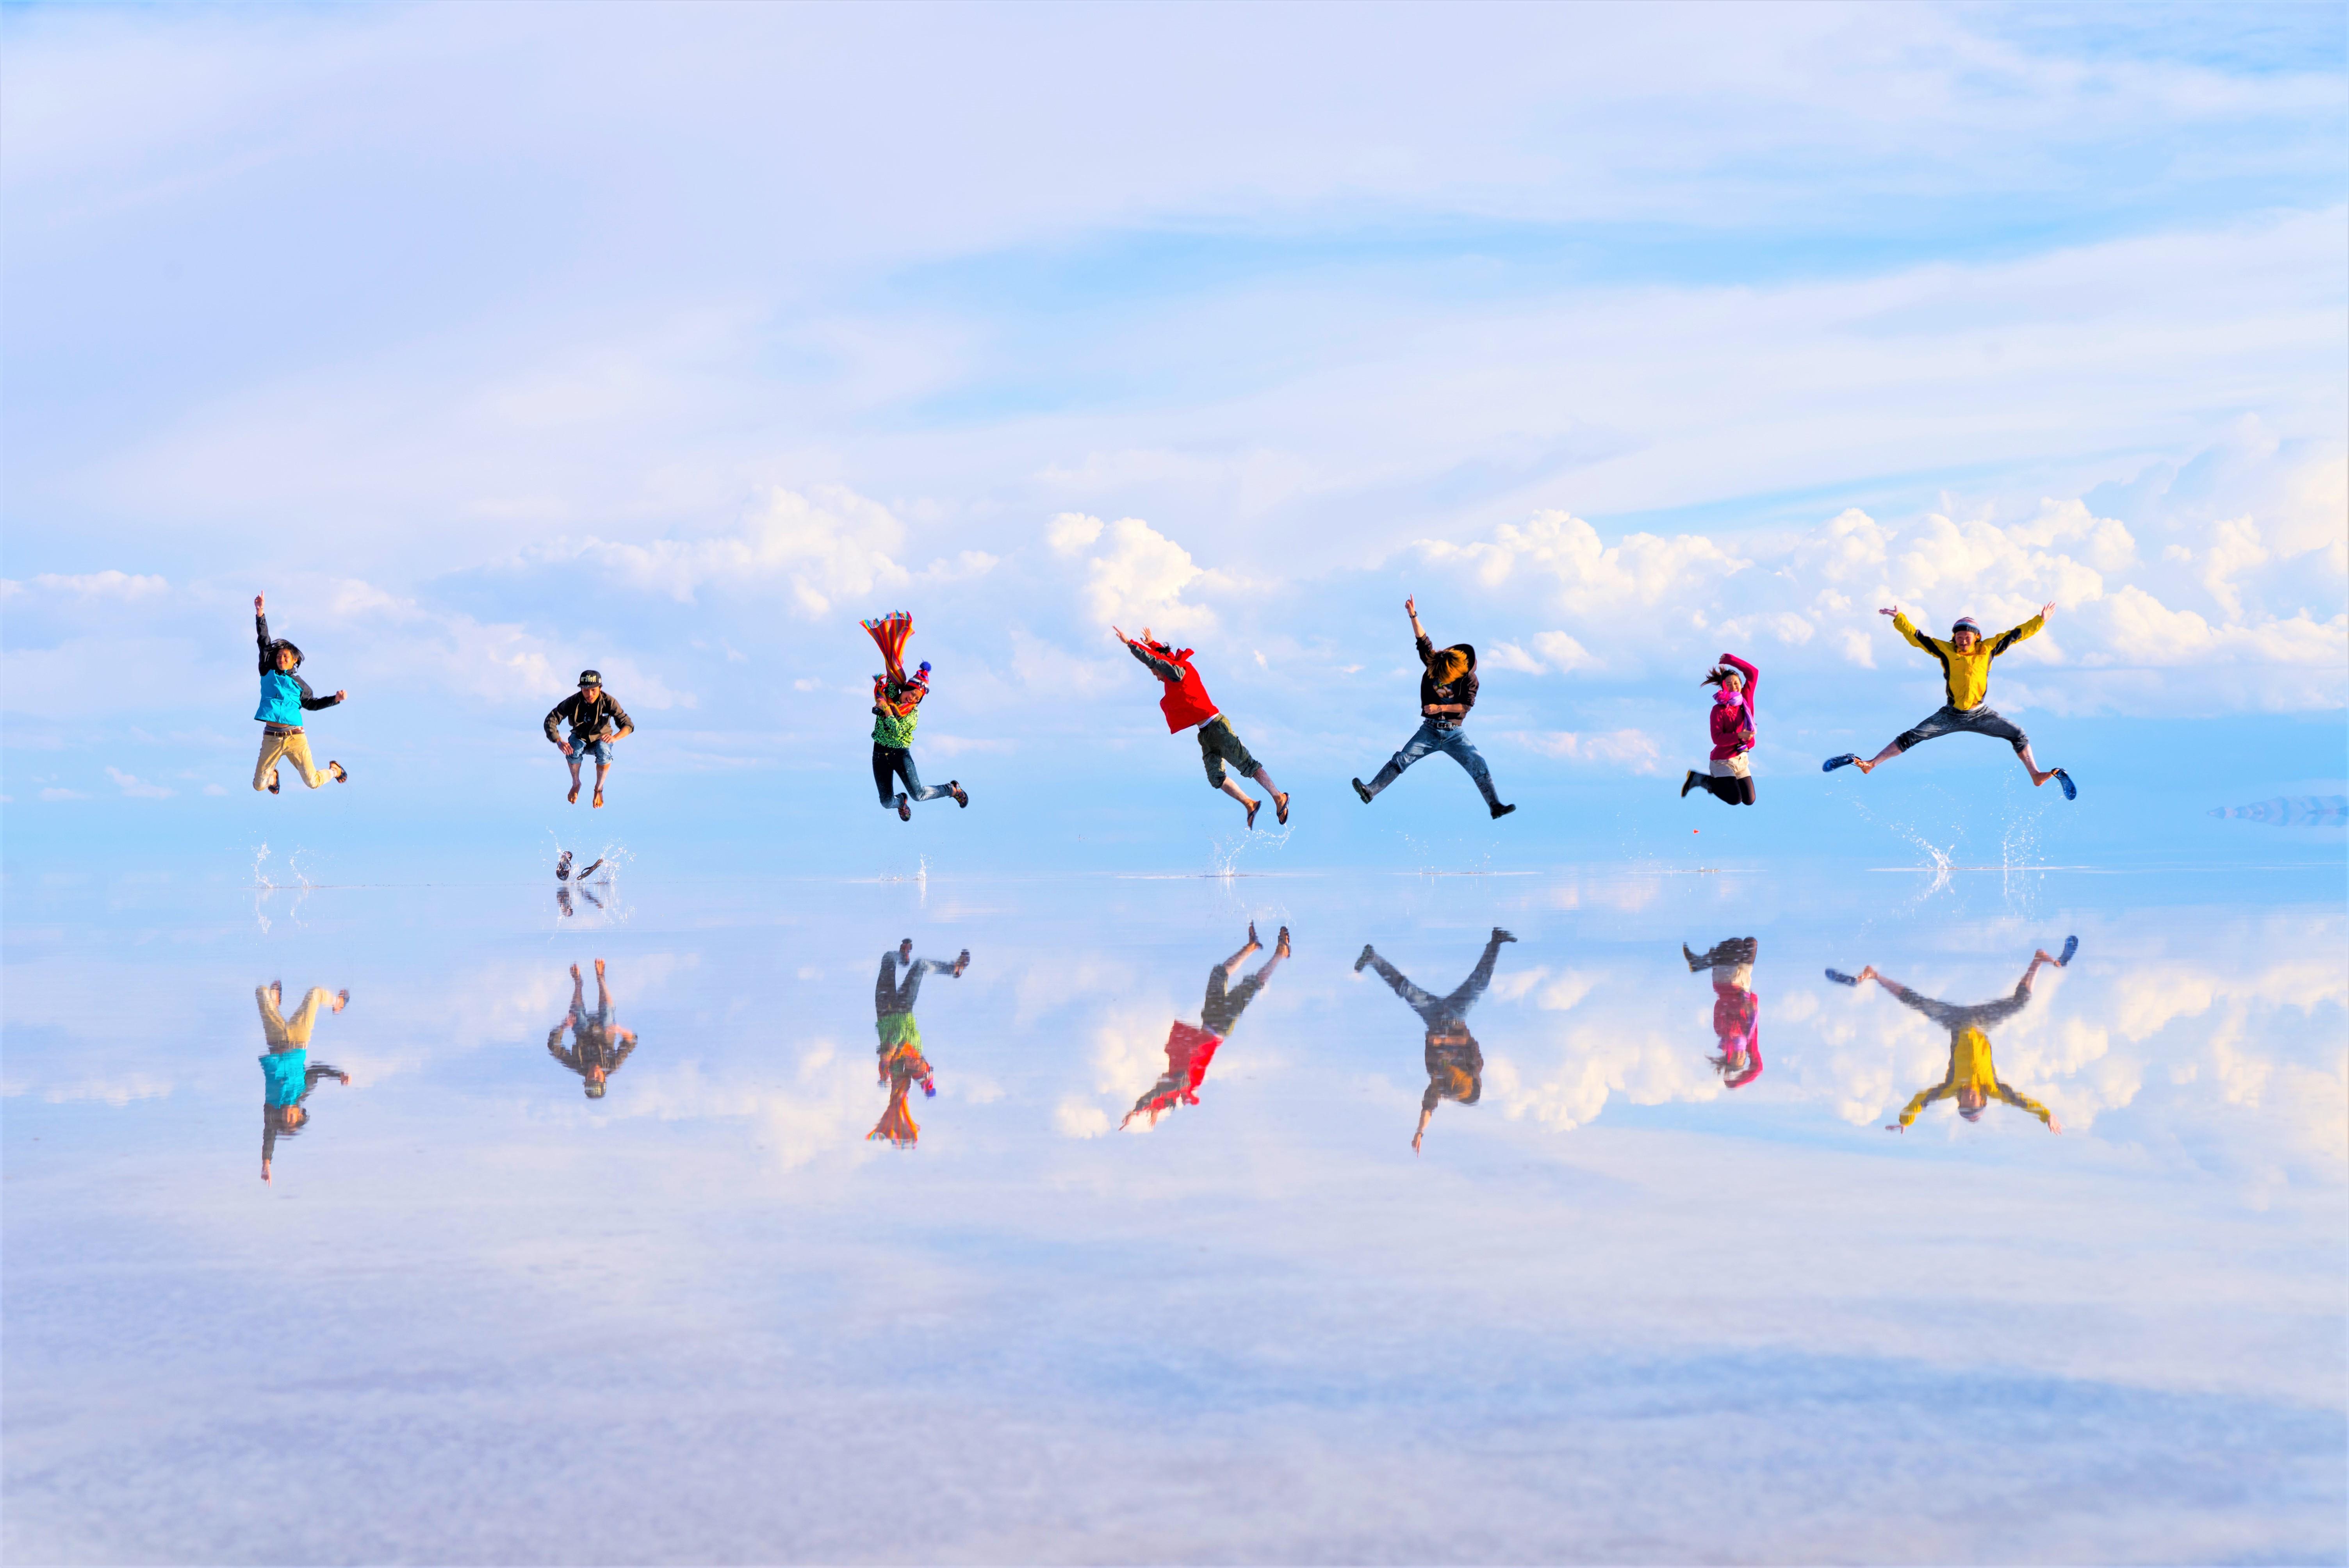 世界一周旅行南米ボリビアウユニ塩湖絶景観スポット